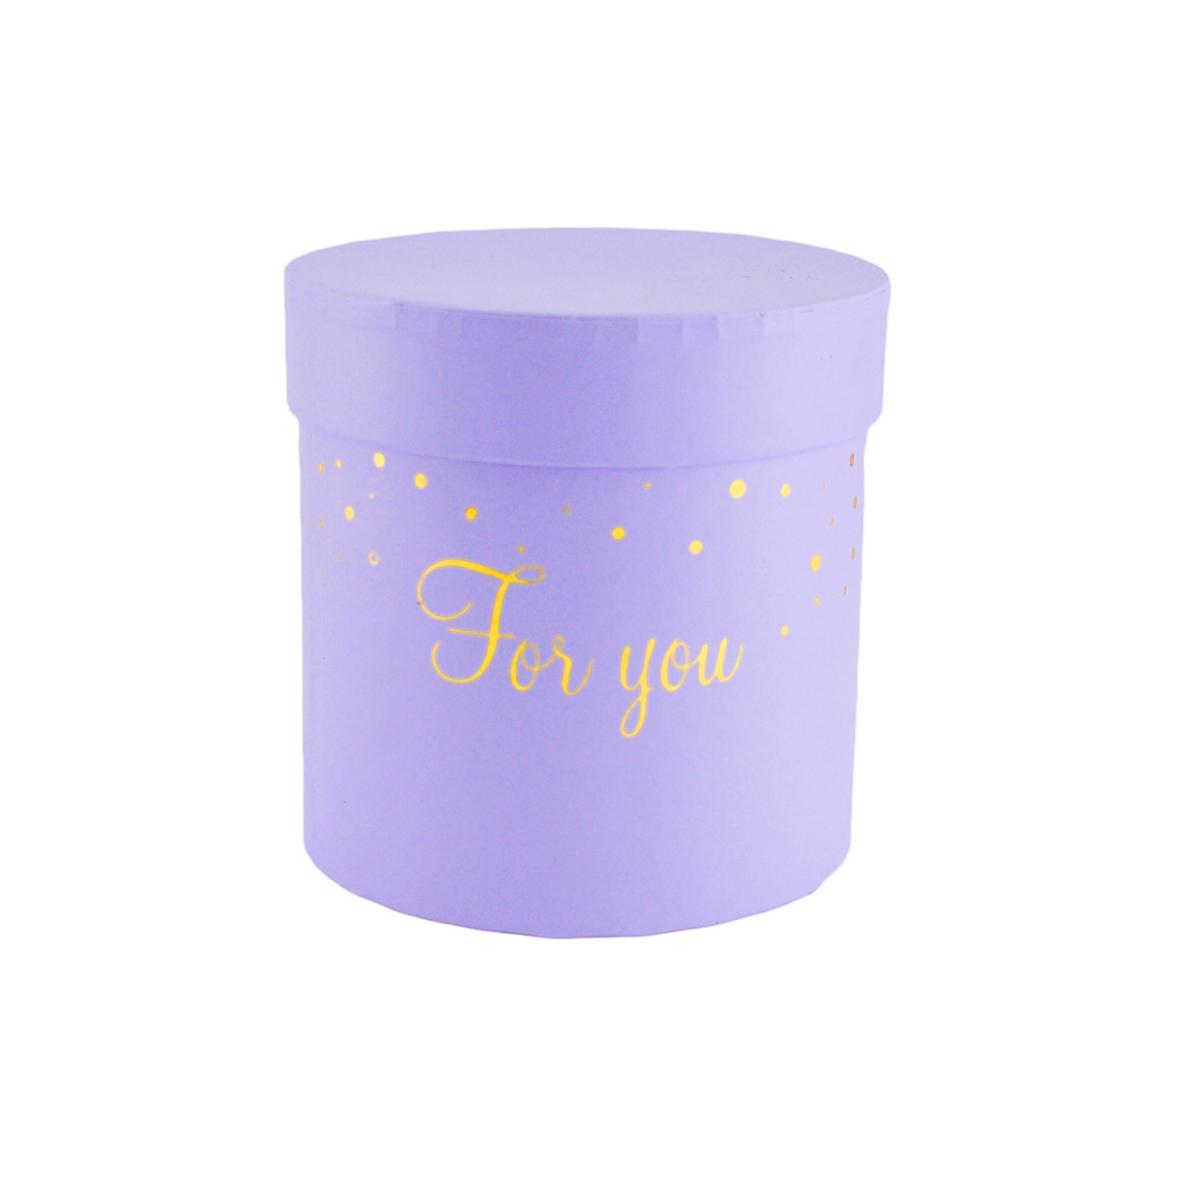 Ambalaje Flori ONLINE vinde Cutie cilindrica fara manere for you mov pastel la pretul de 8.9 lei